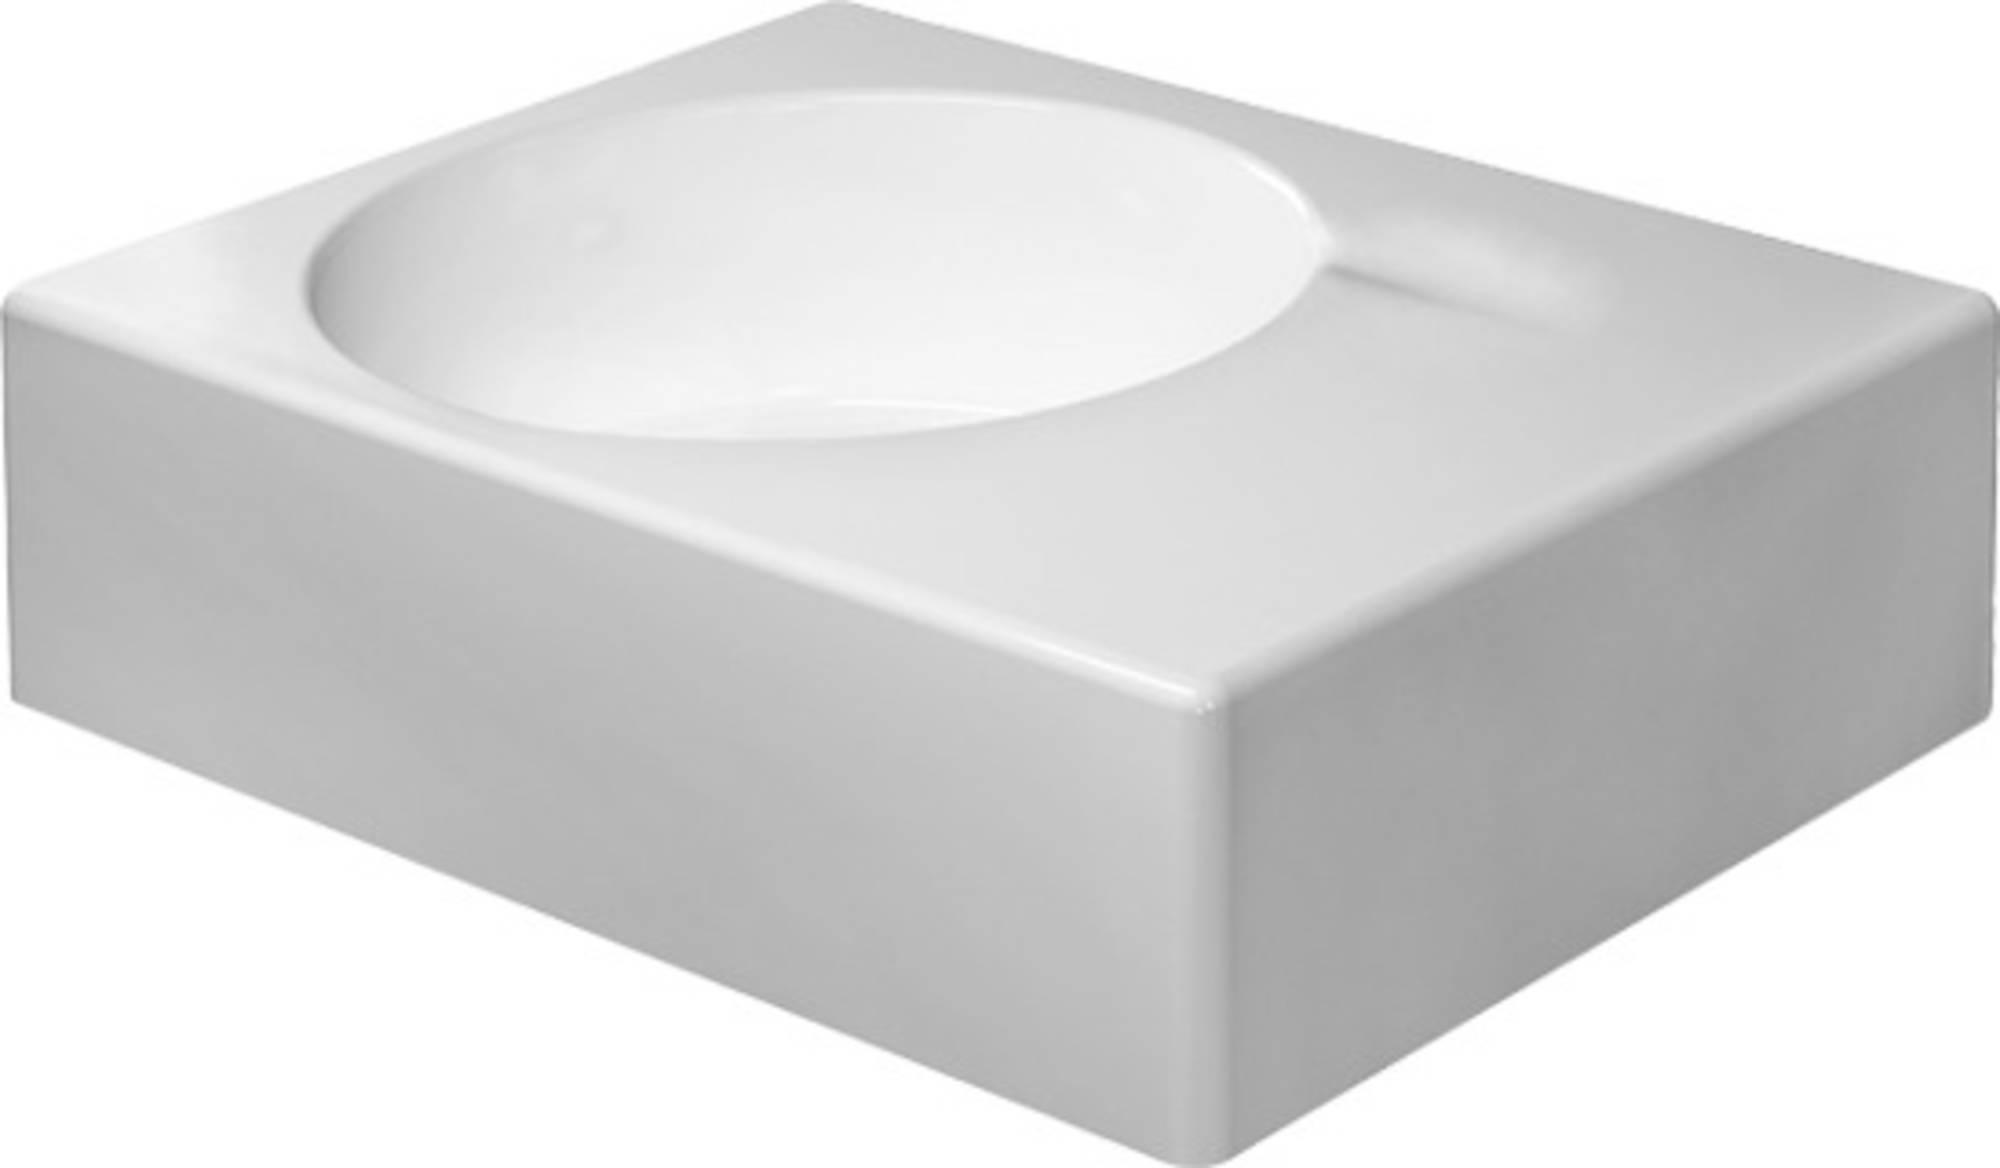 Duravit Scola wastafel 61,5x46 cm links m-wondergliss z-kr.gat, wit